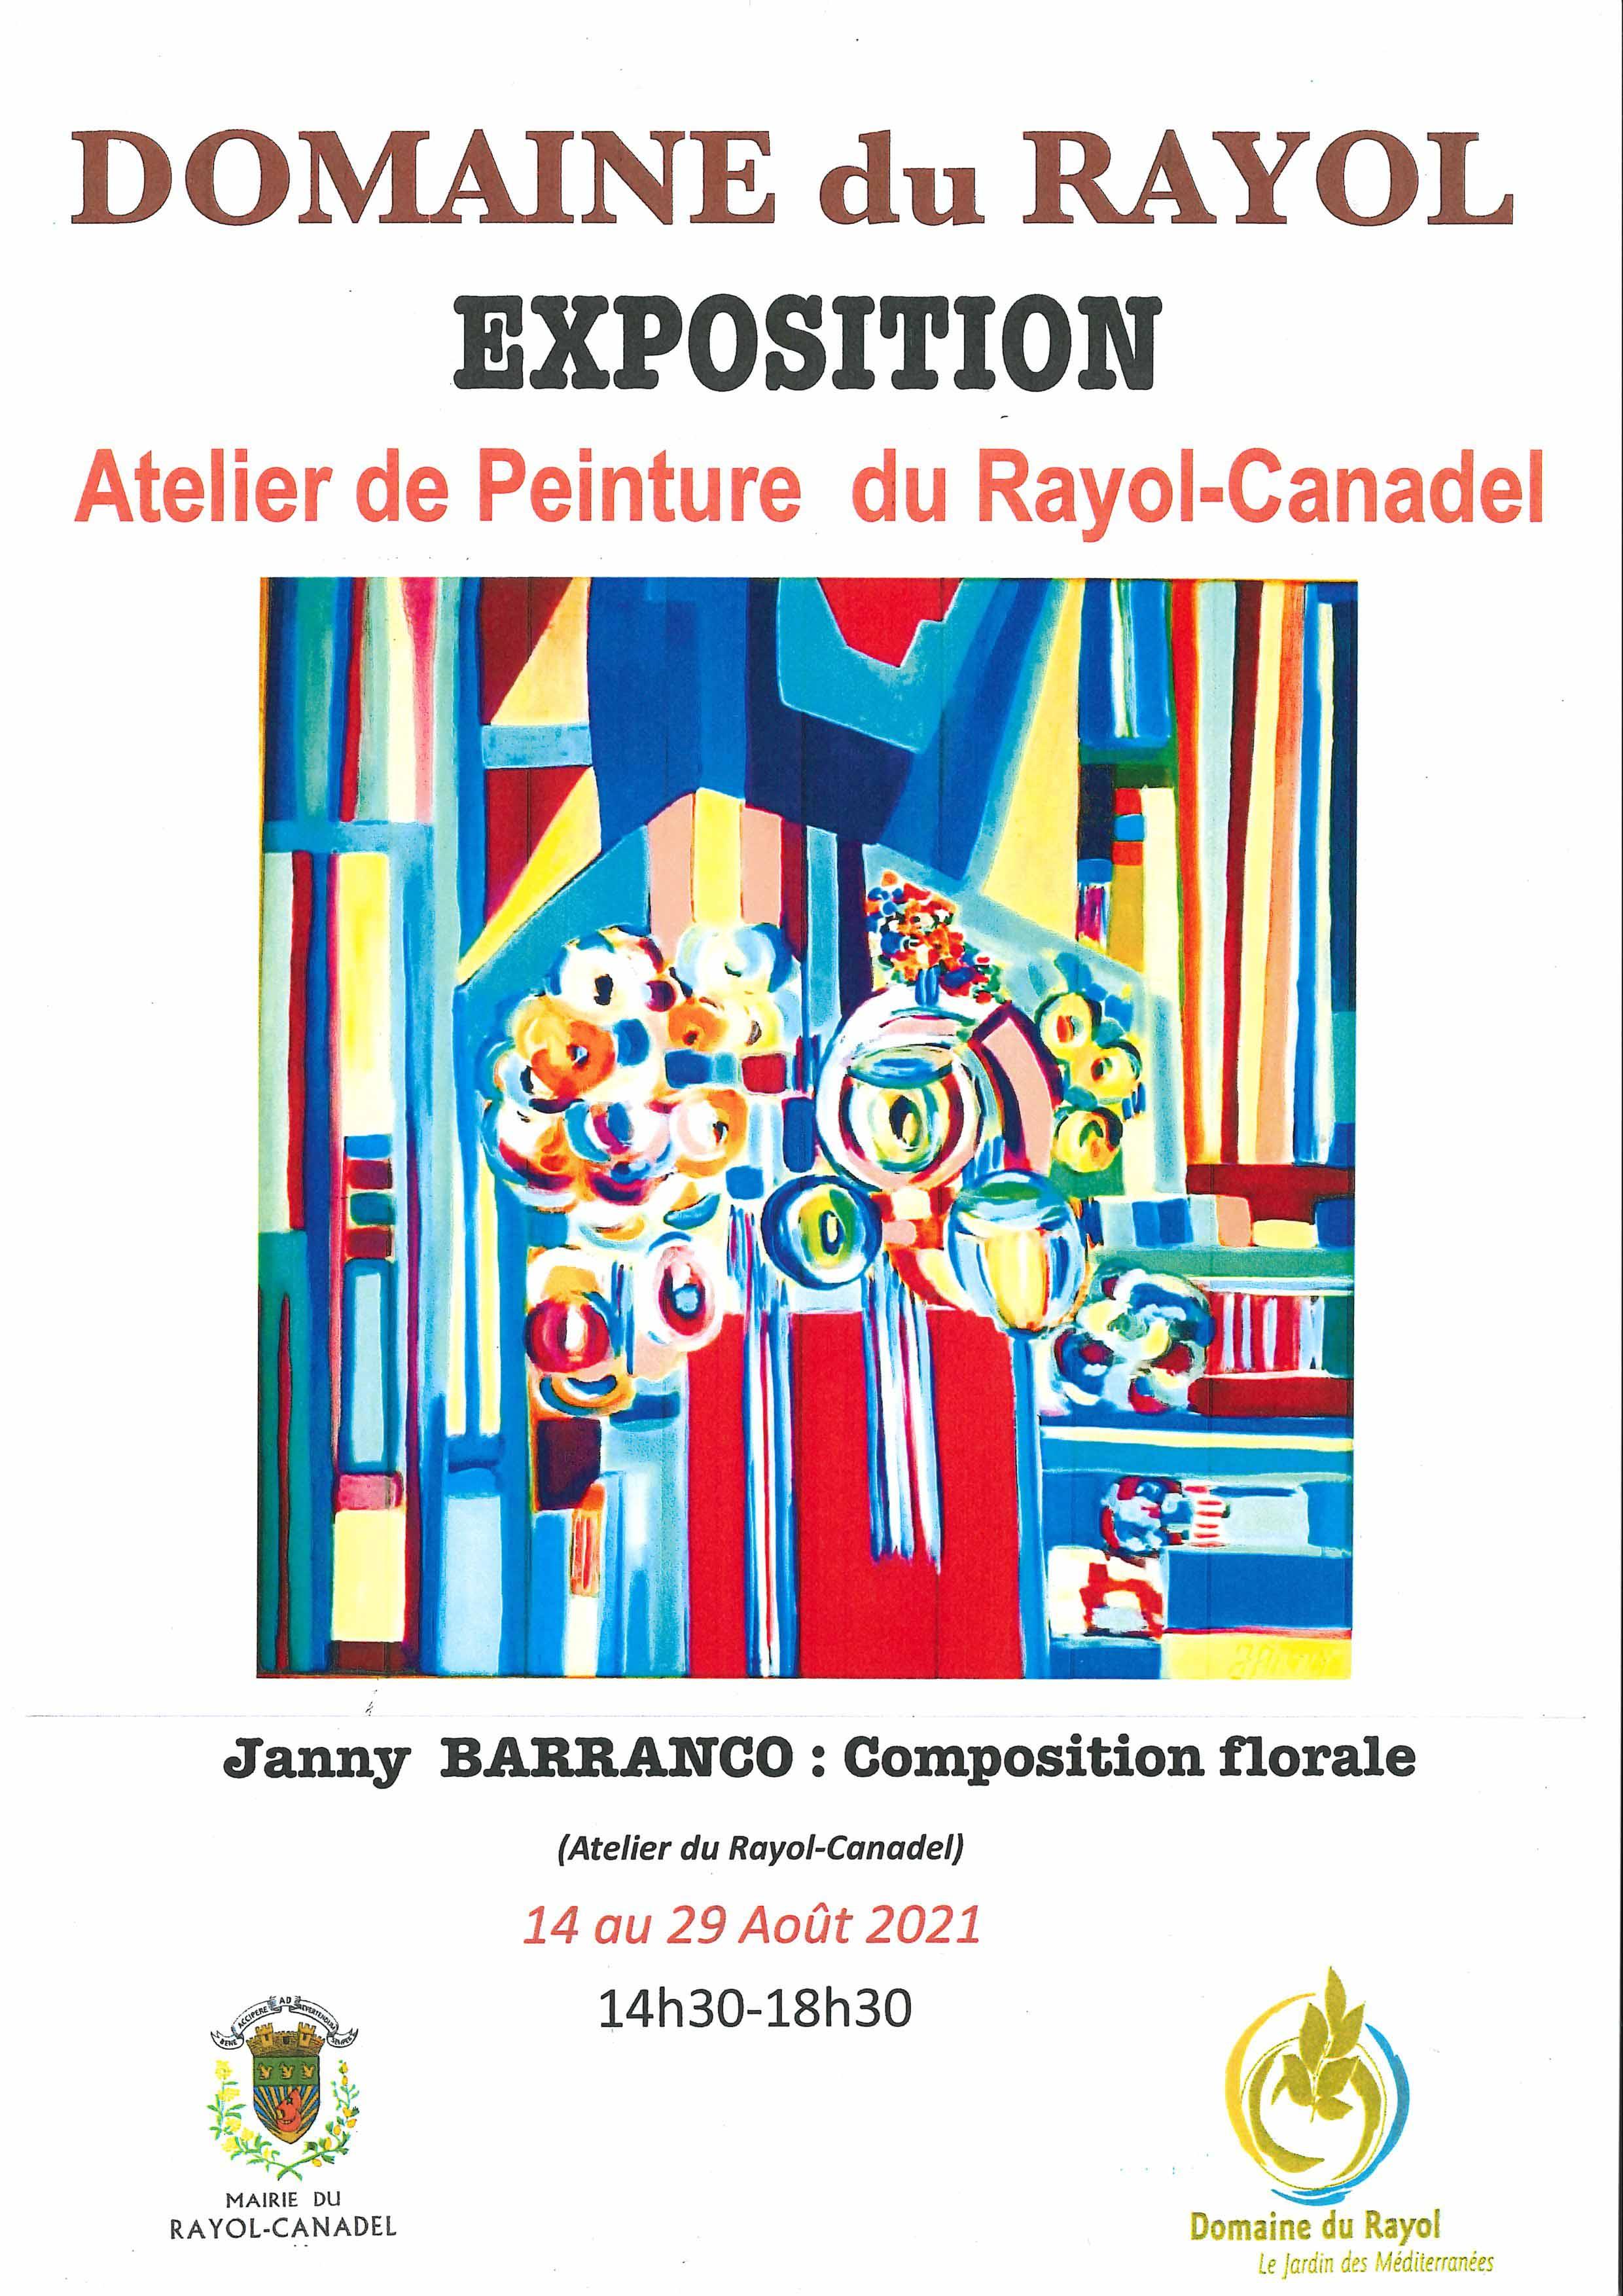 Exposition de l'Atelier de Peinture du Rayol